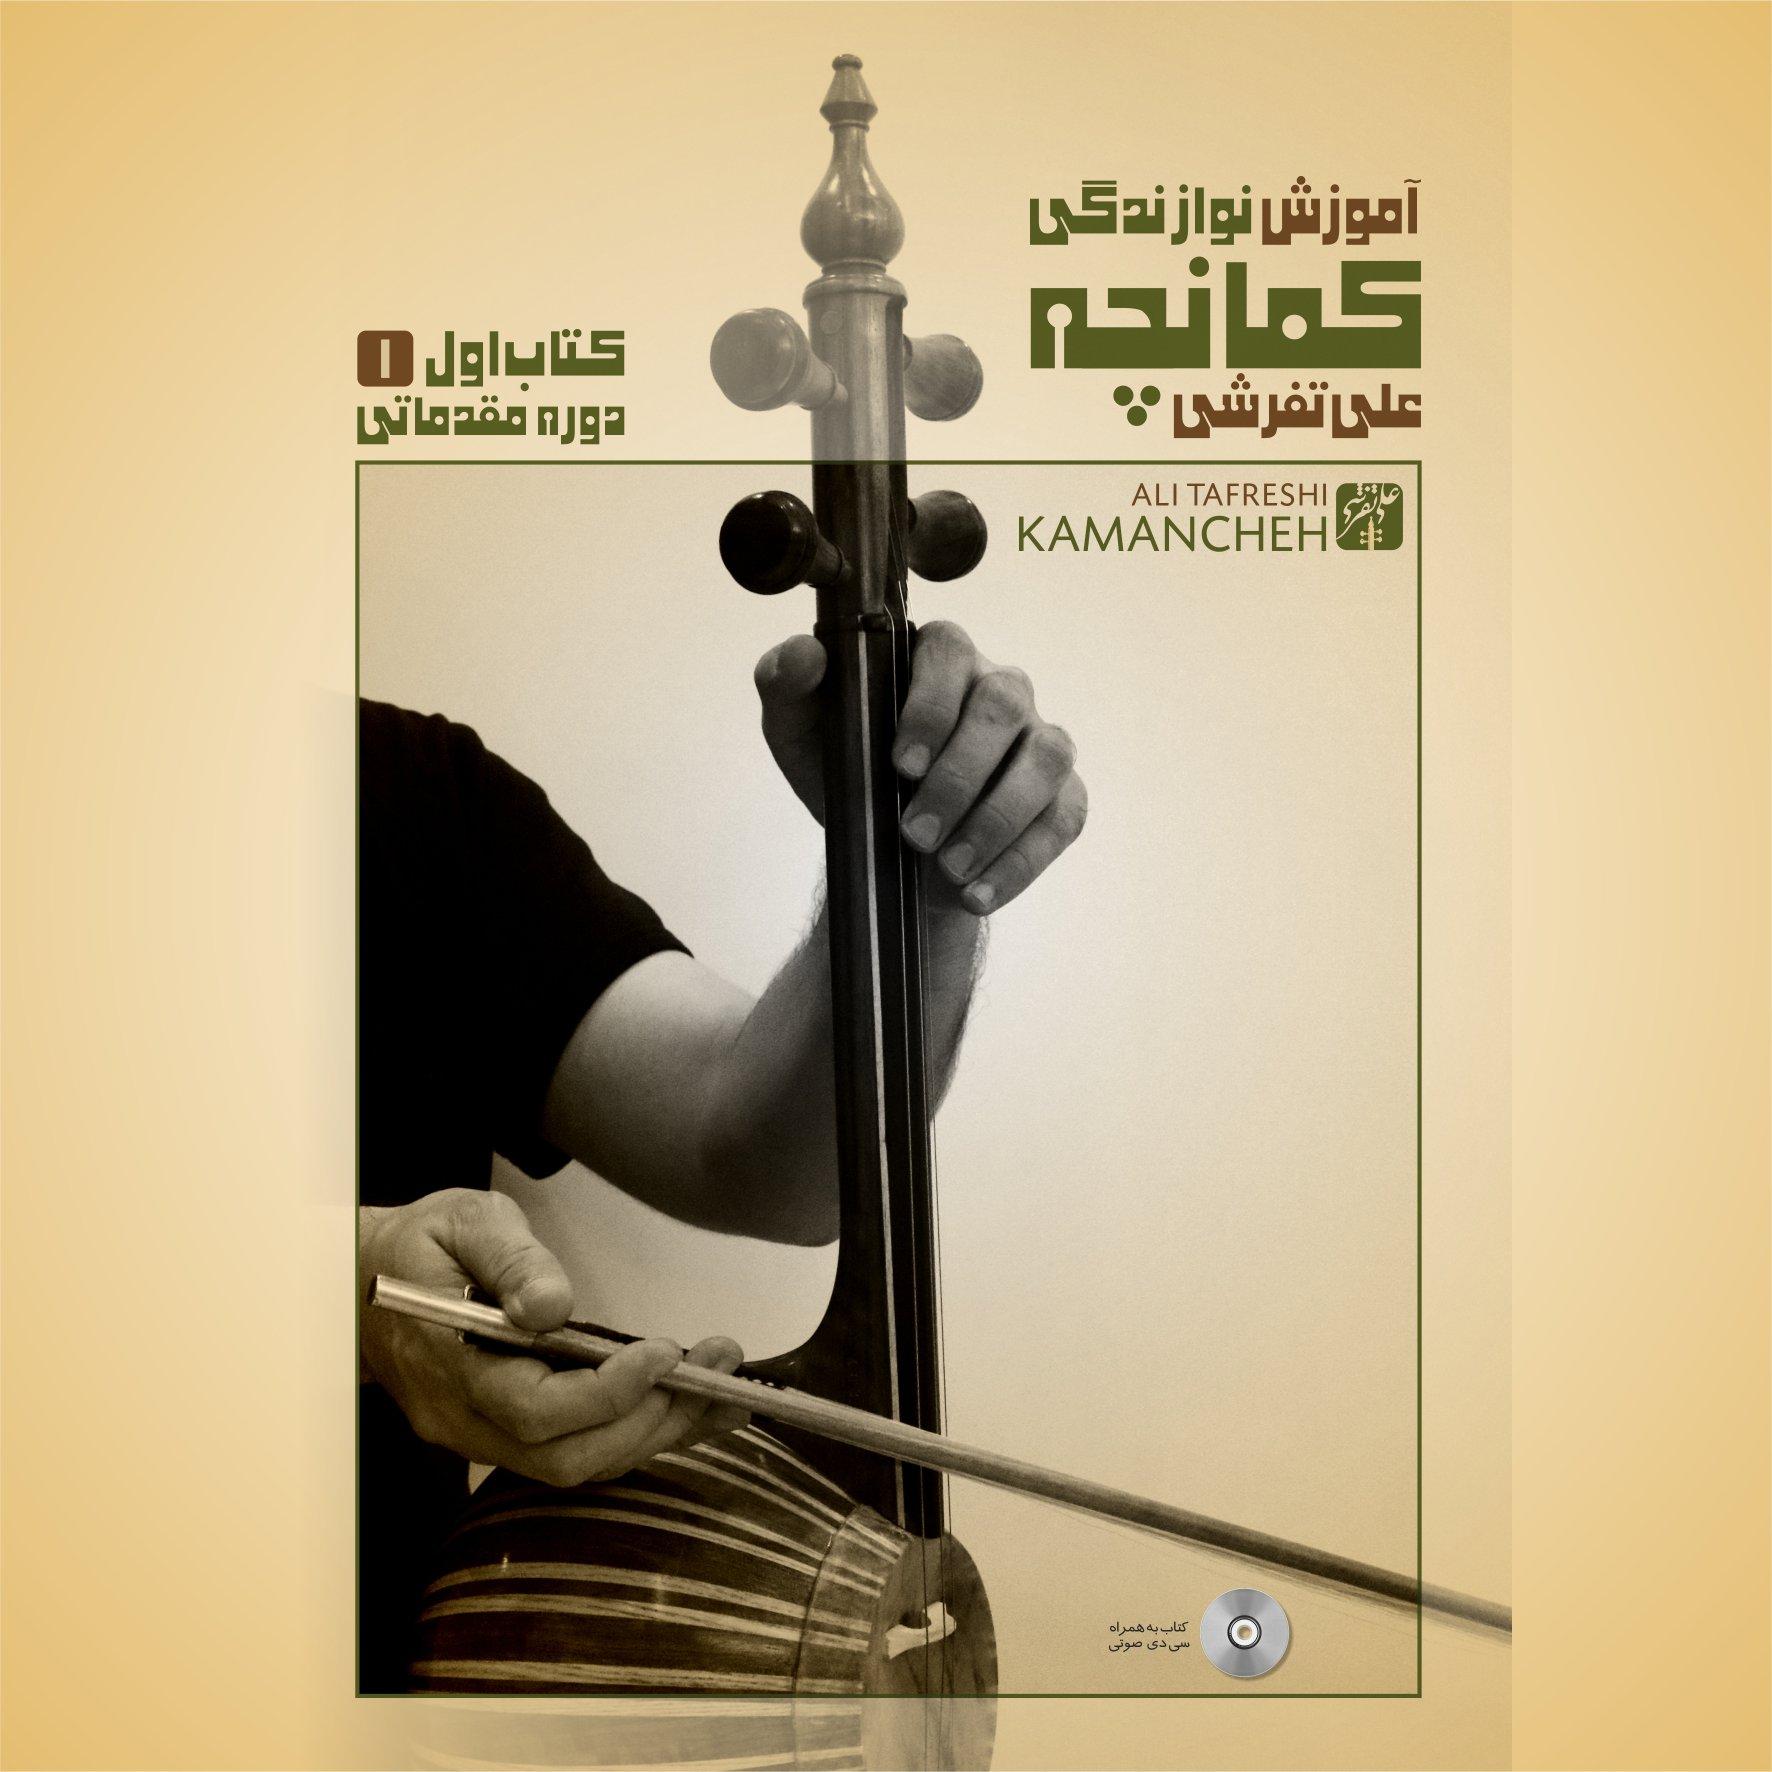 کتاب آموزش نوازندگی کمانچه دوره مقدماتی اثر علی تفرشی انتشارات موسیقی عارف